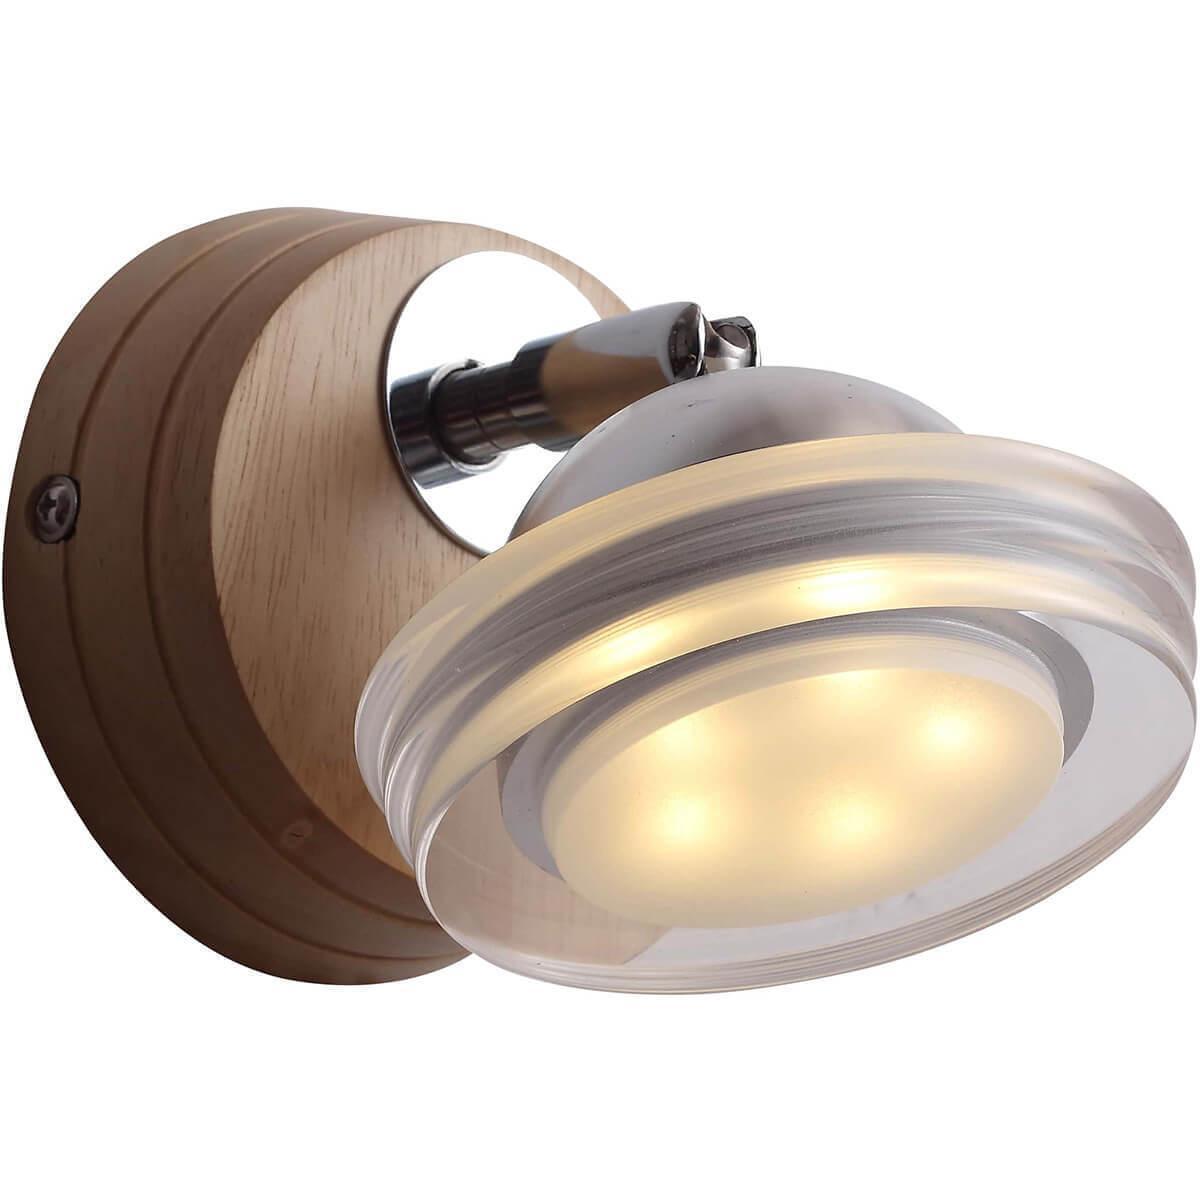 Спот Lucia Tucci Natura W075.1 LED, LED, 5 Вт торшер lucia tucci riflettore riflettore 094